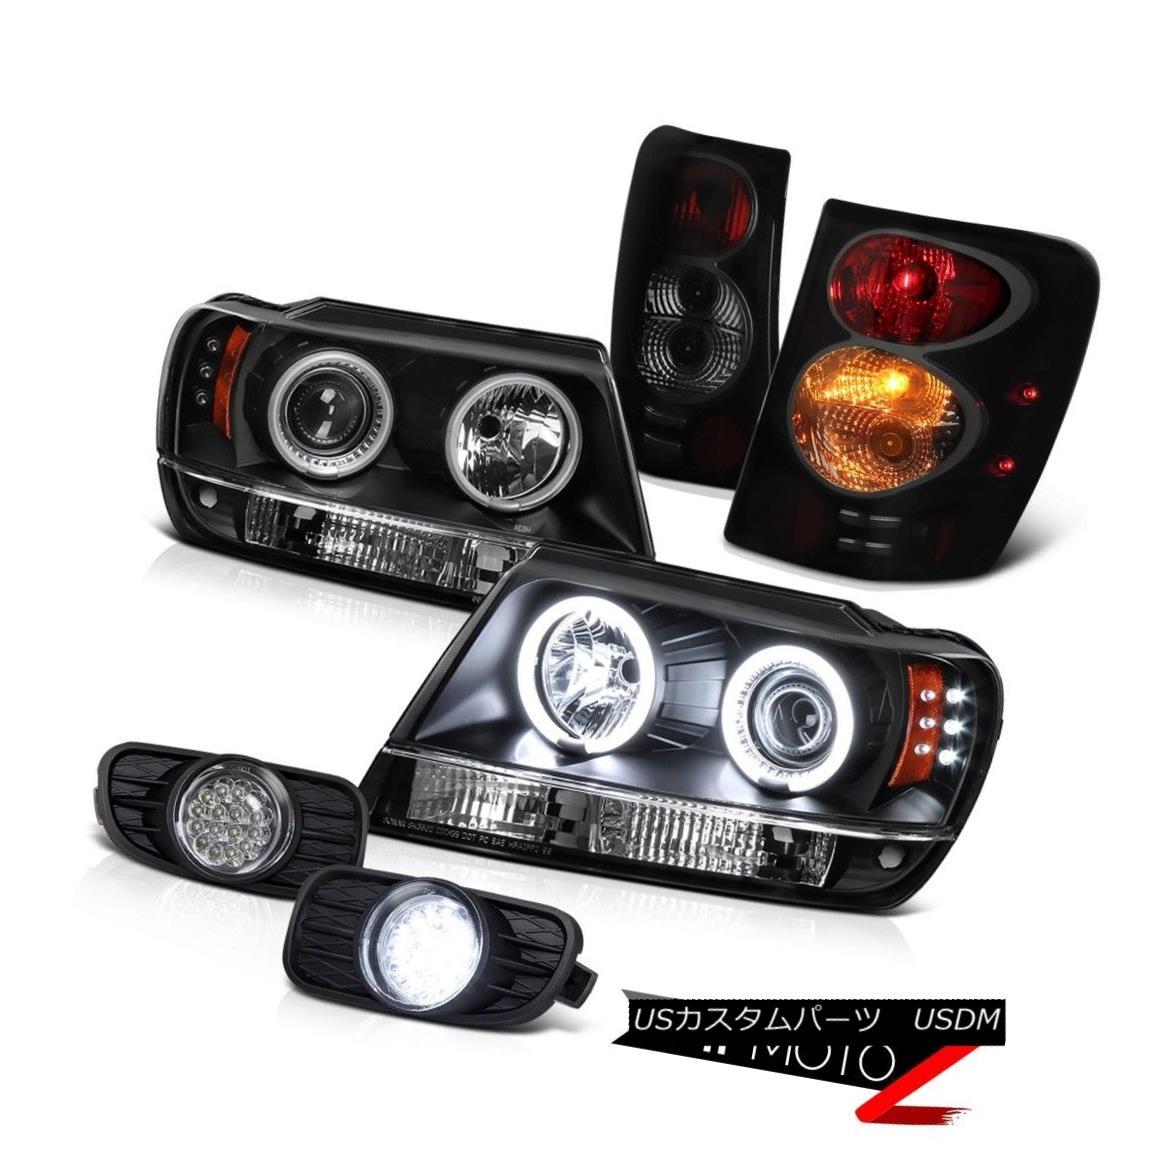 テールライト 1999-2003 Smoke Black Rear Tail Light CCFL Halo Ring Headlight Fog Driving Lamp 1999-2003スモークブラックリアテールライトCCFLハローリングヘッドライトフォグ駆動ランプ